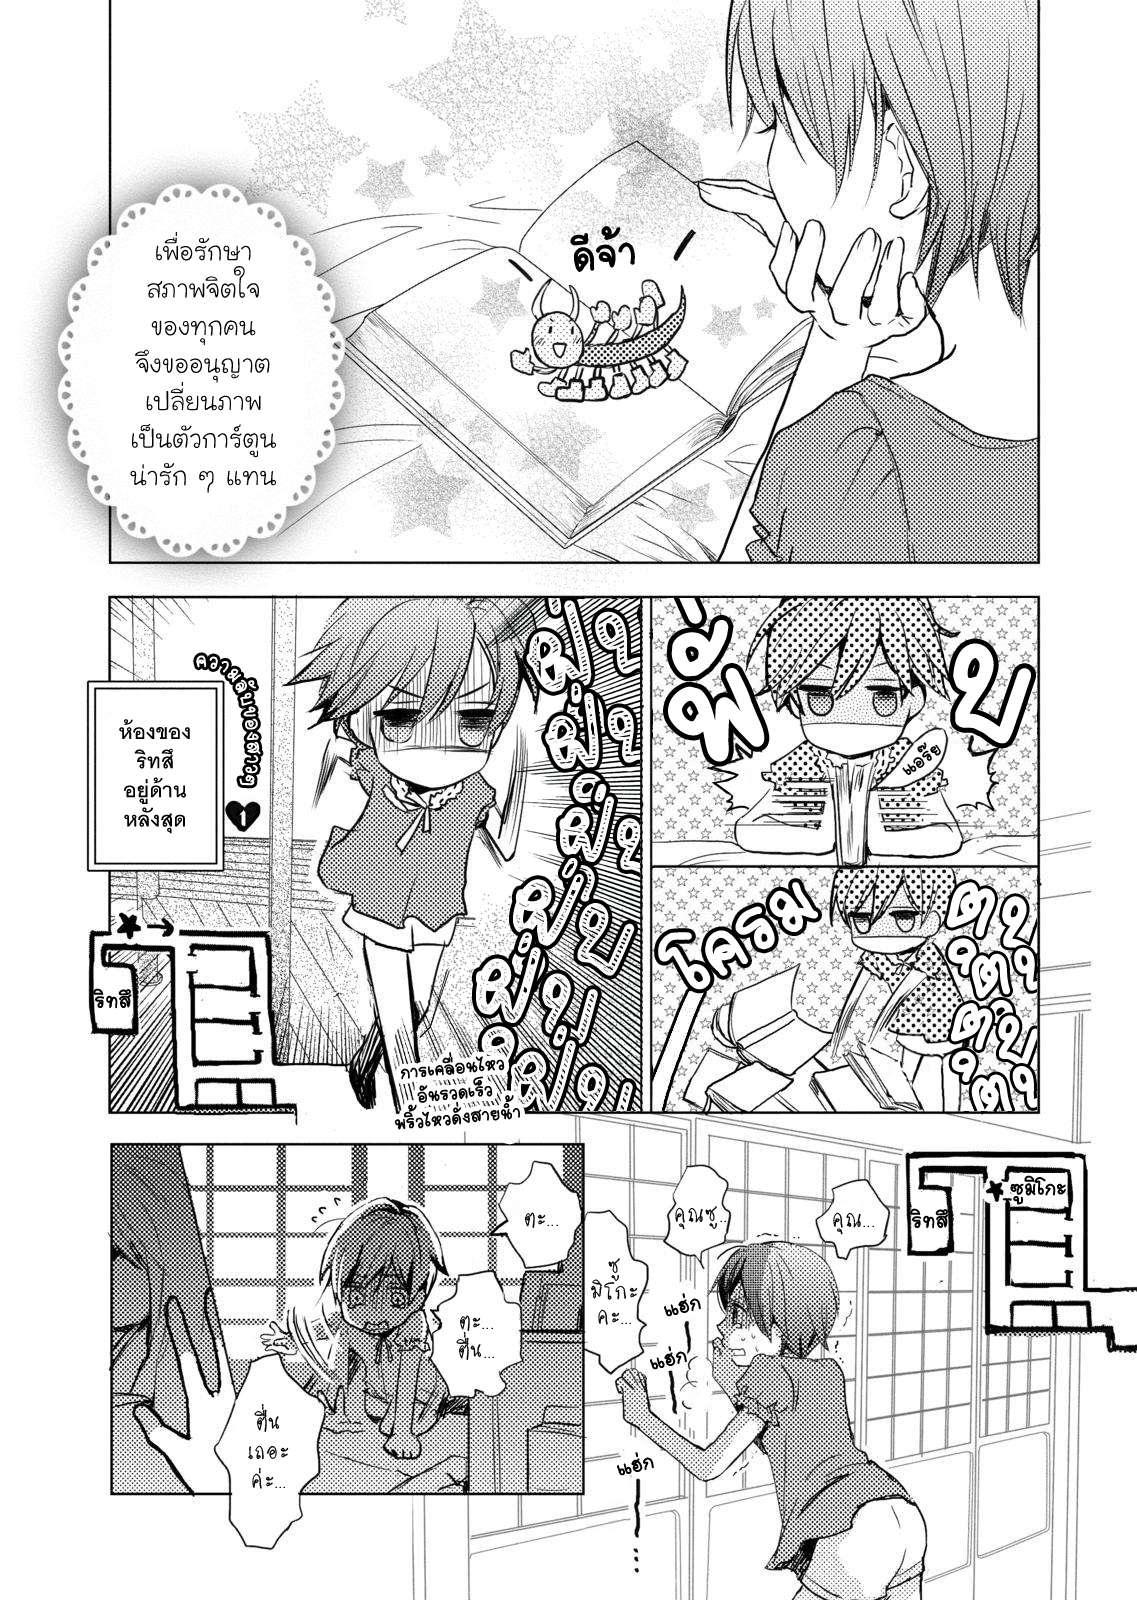 อ่านการ์ตูน Bokura wa Minna Kawaisou ตอนที่ 22 หน้าที่ 7